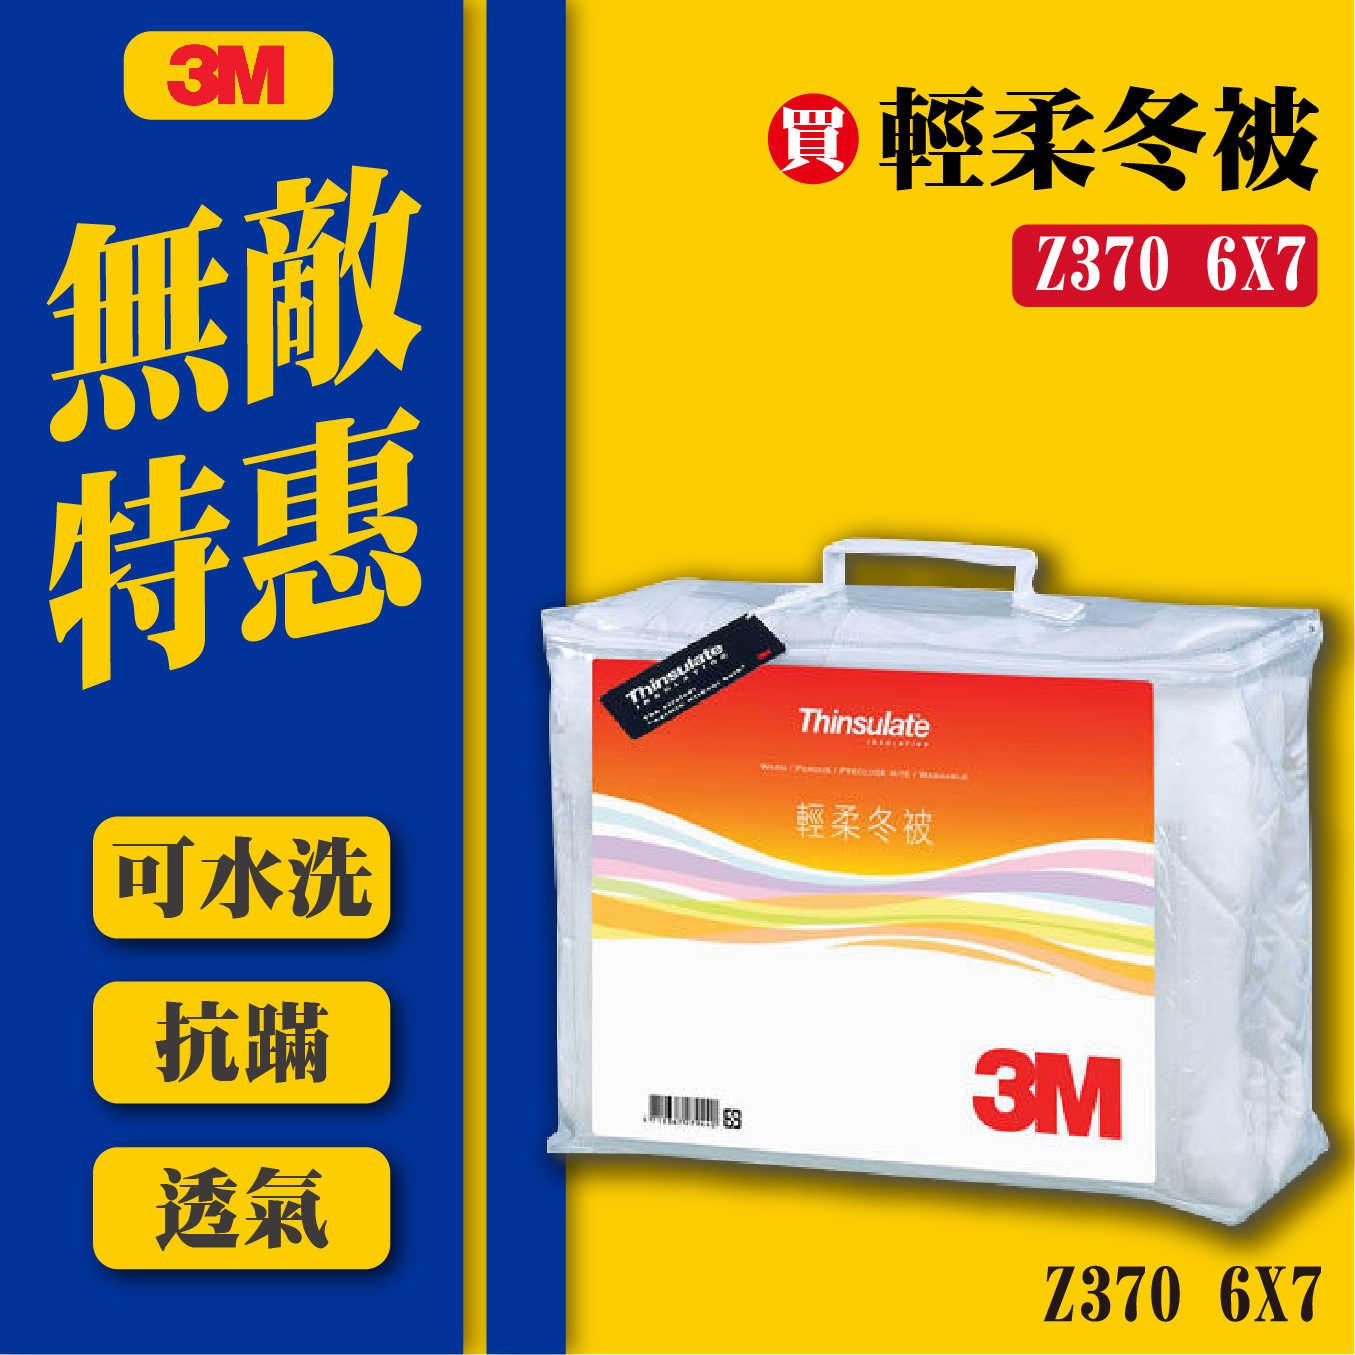 【特惠】3M 標準雙人 輕柔冬被 Z370 暖被 科技纖維被 可水洗棉被